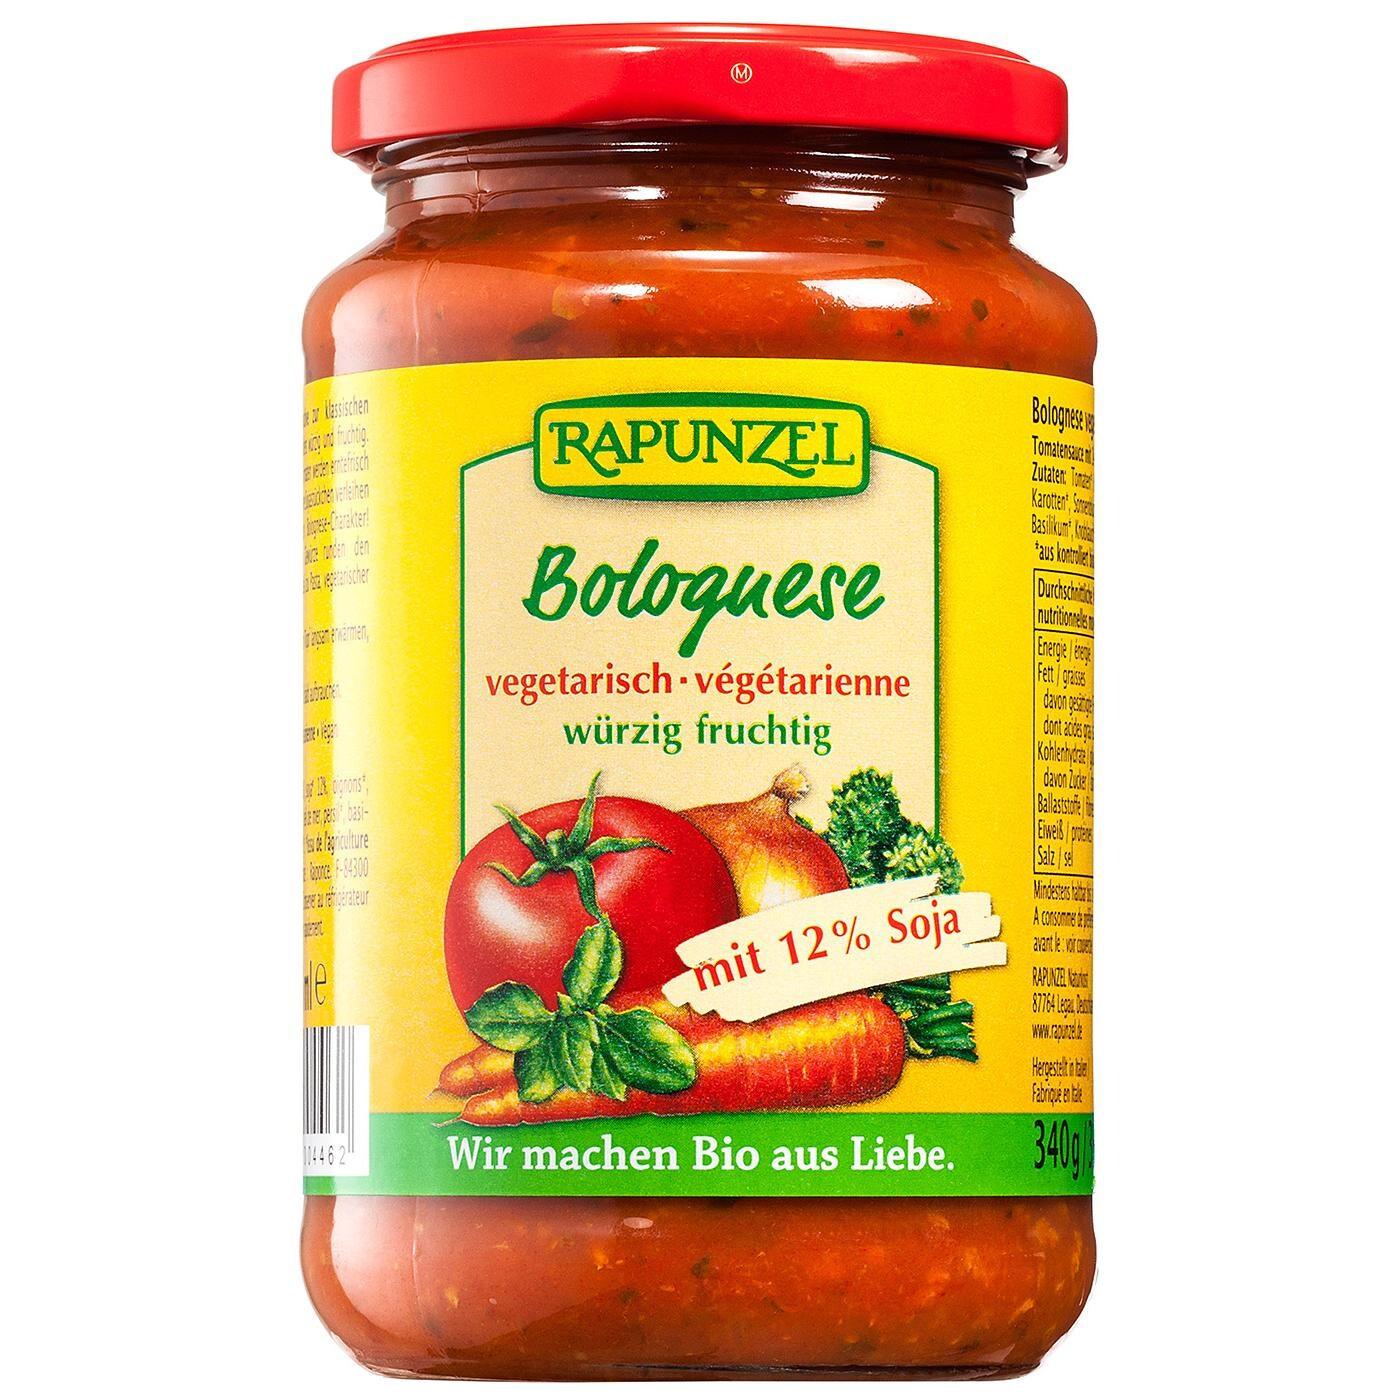 Rapunzel Bio Tomatensauce Bolognese vegetarisch 330ml